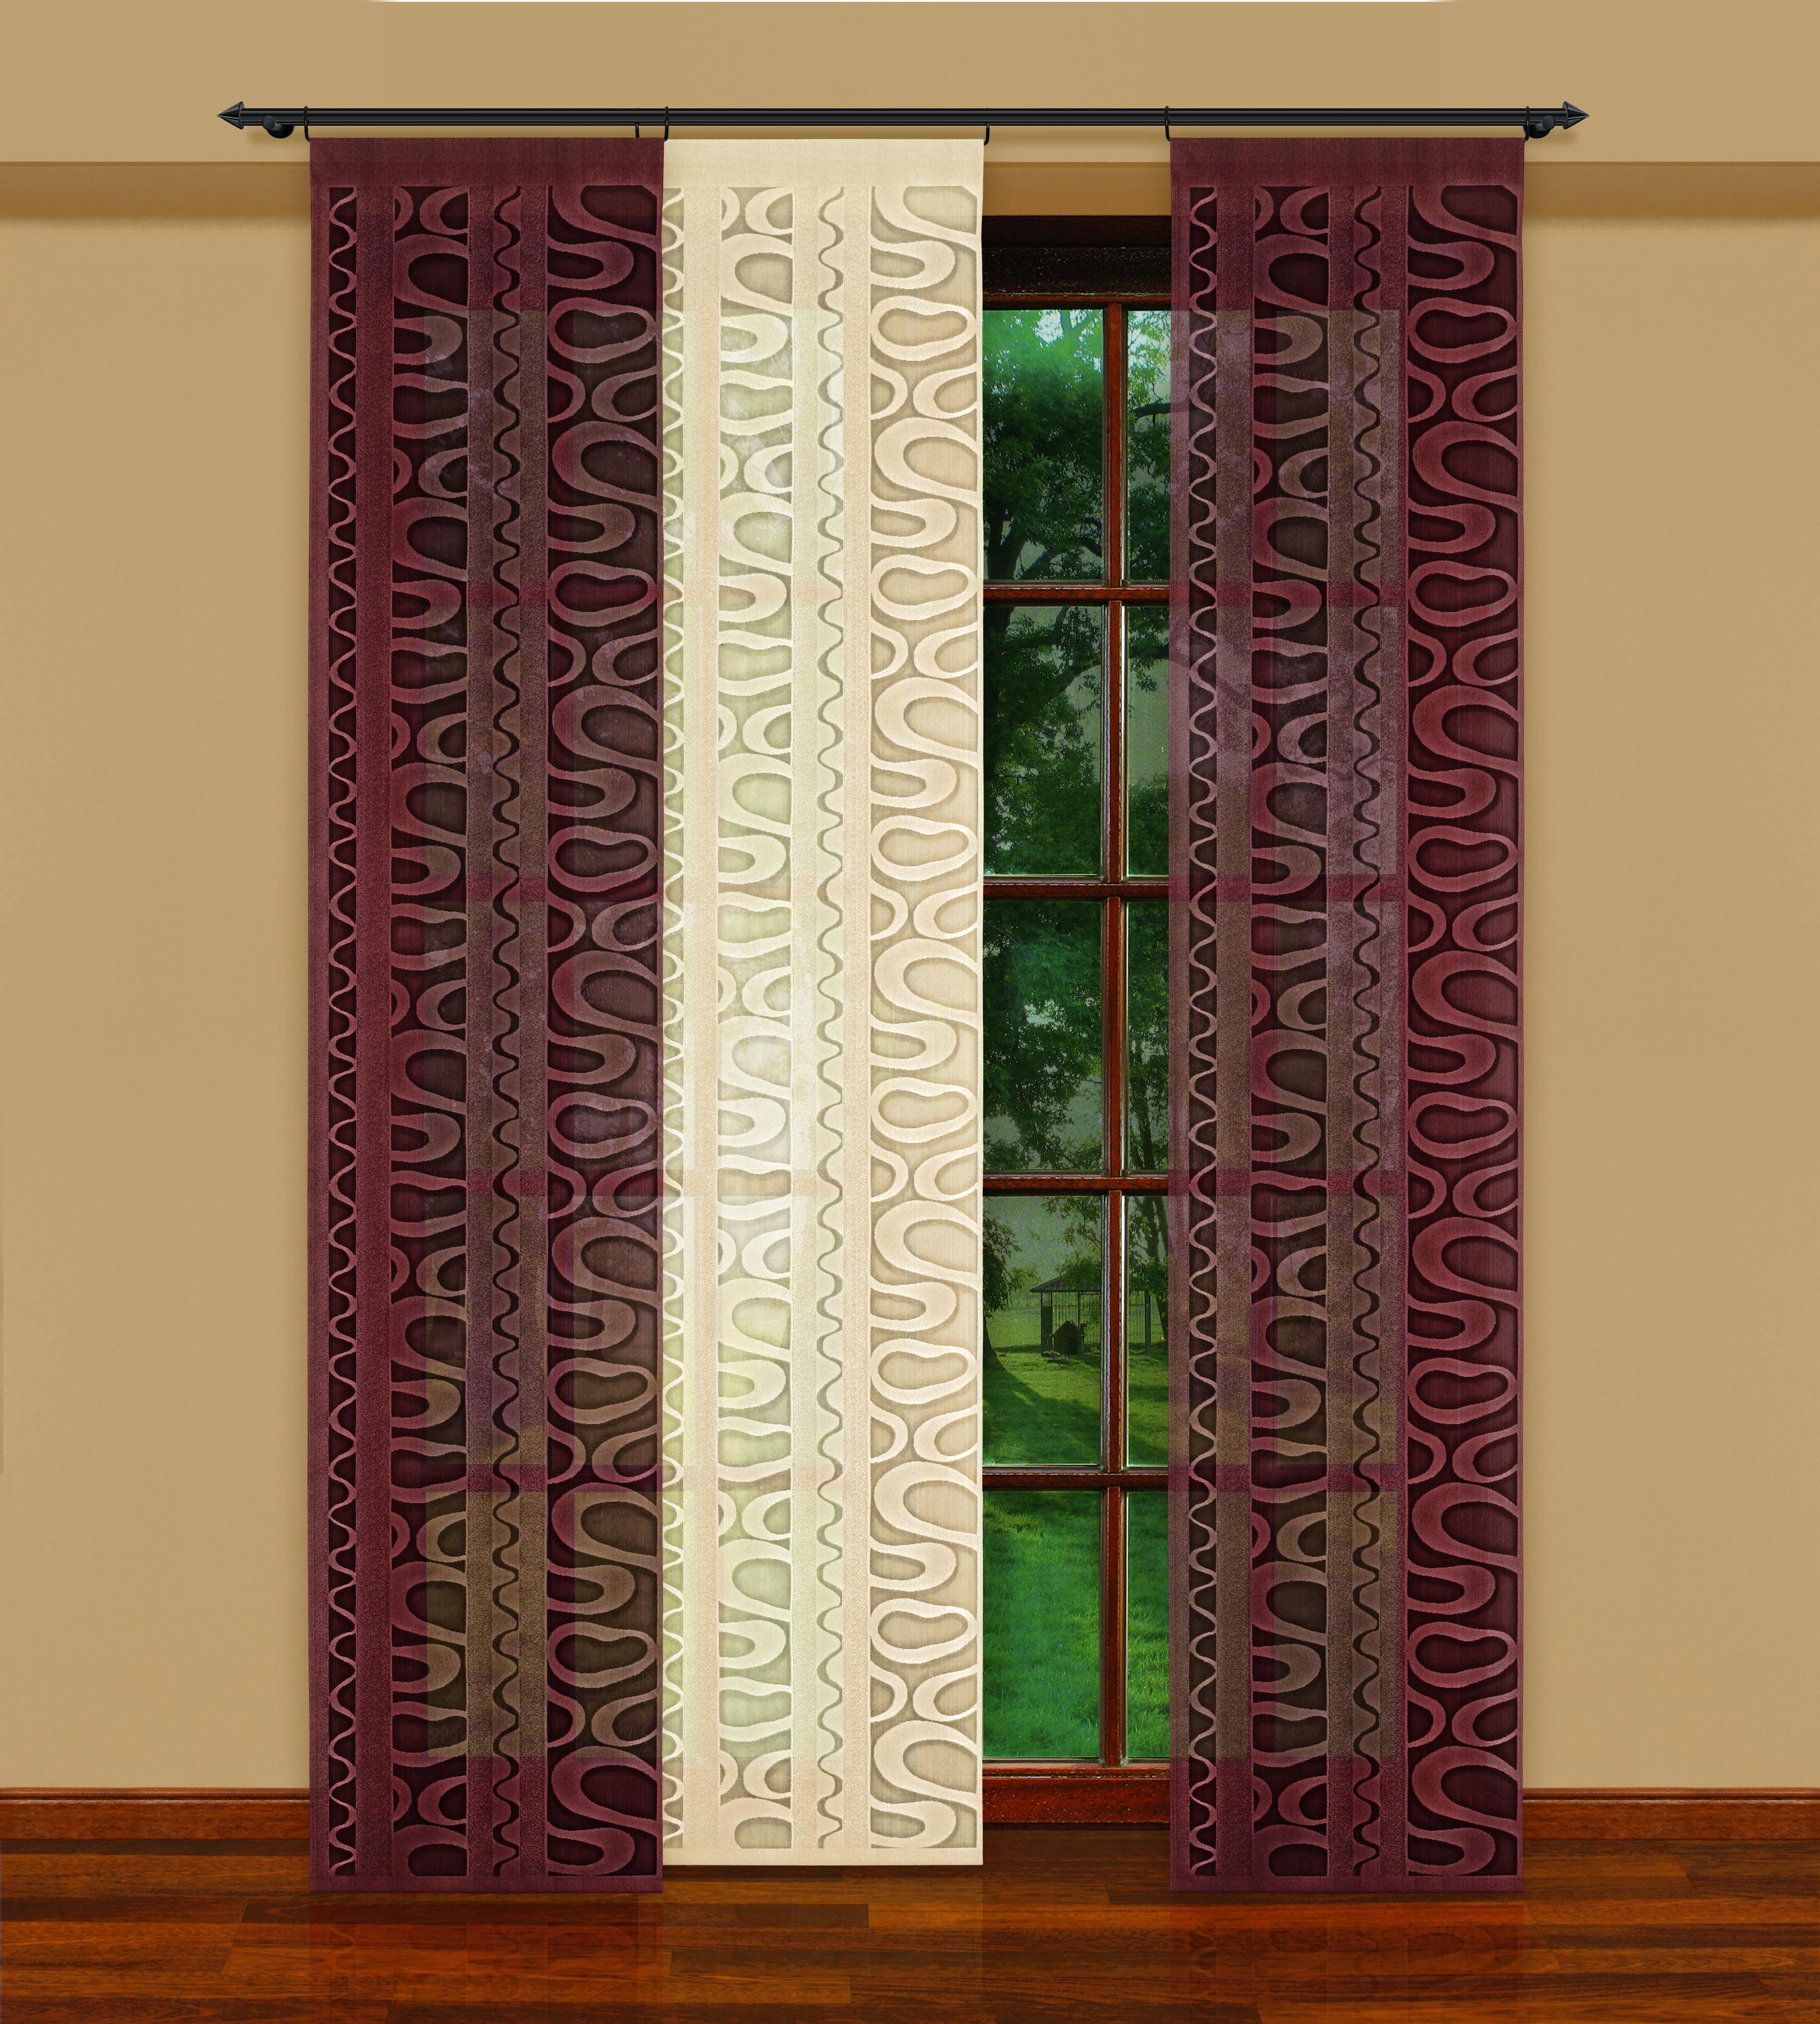 Гардина-панно HAFT 250*50. 207350/50 коричневый1622Гардина-панно XAFT 250*50. 207350/50 коричневыйМатериал: 100% п/э, размер: 250*50, цвет: коричневый